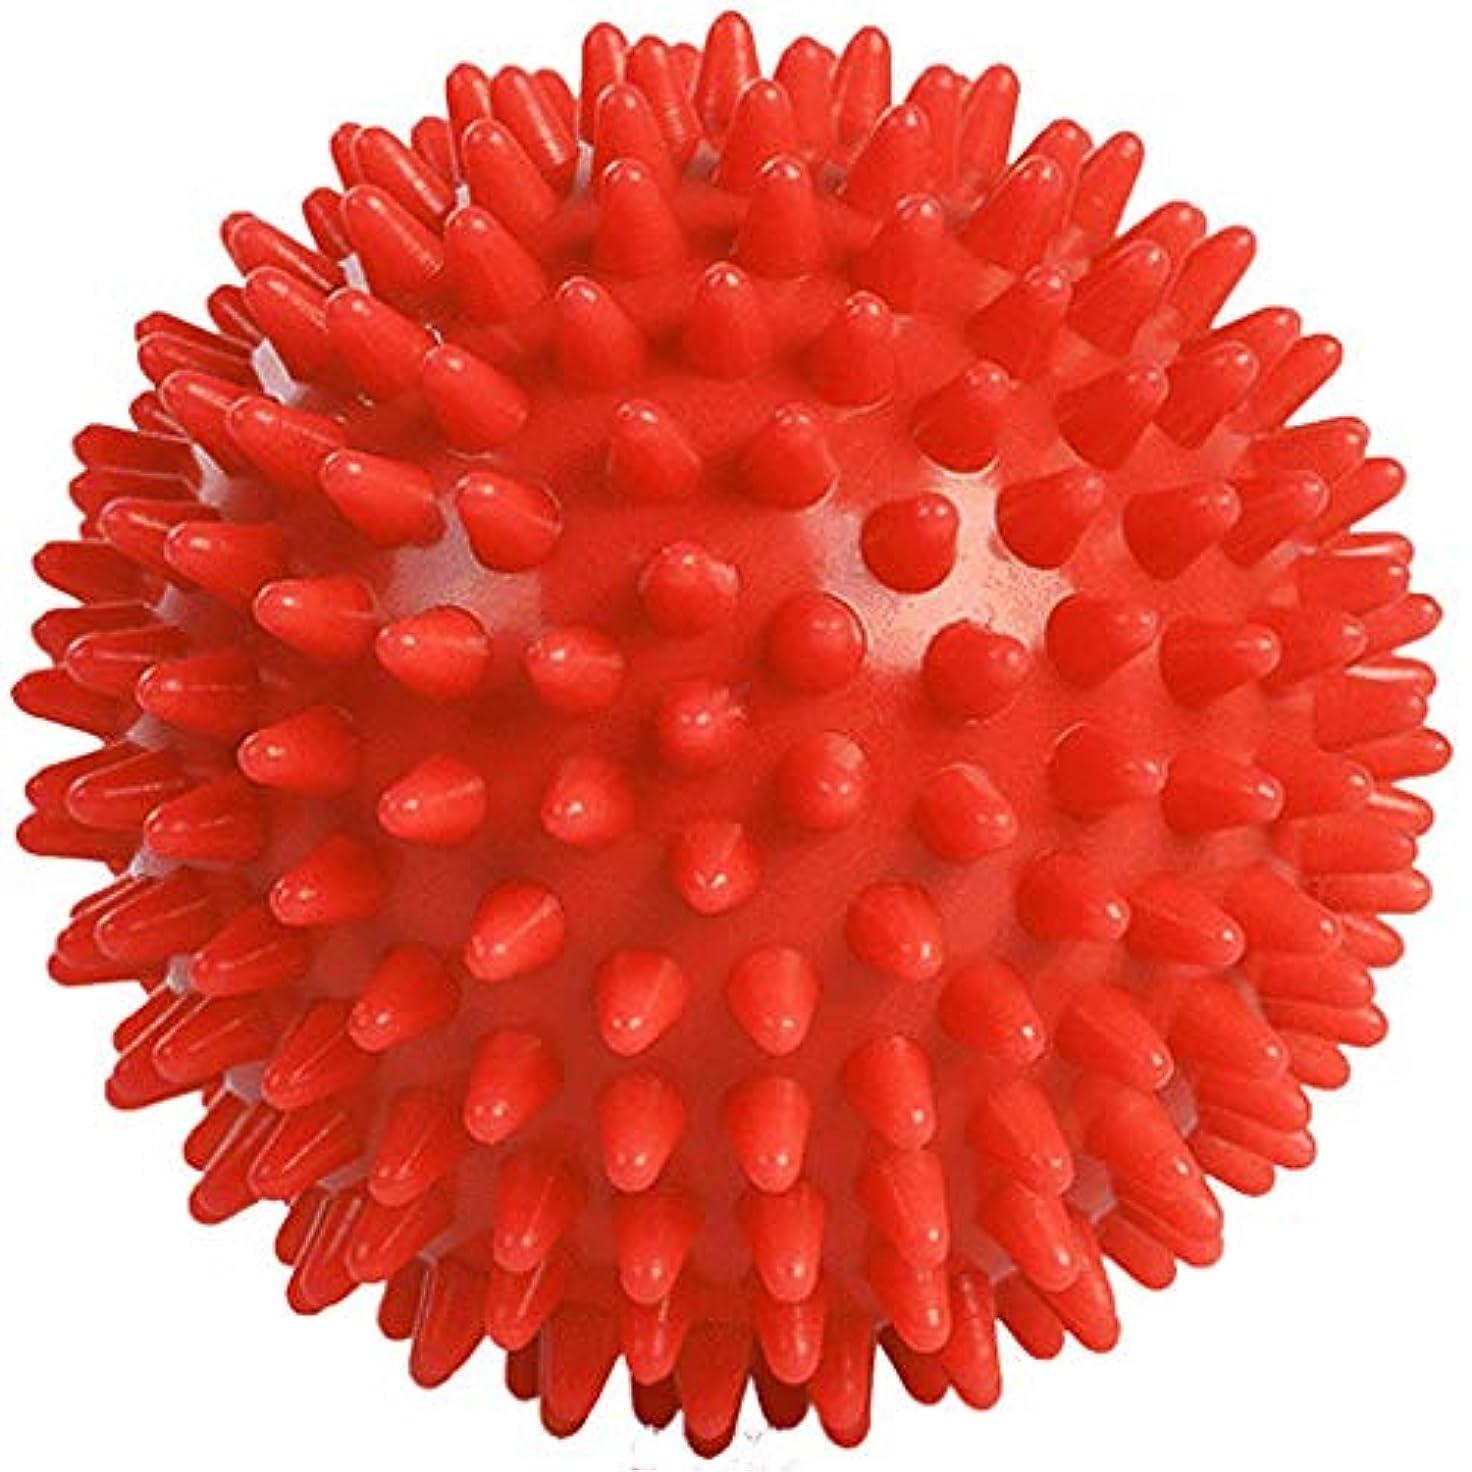 混乱したベジタリアン病なuzinby リフレックスボール 触覚ボール 足裏手 背中のマッサージボール リハビリ マッサージ用 血液循環促進 筋肉緊張 圧迫で解きほぐす